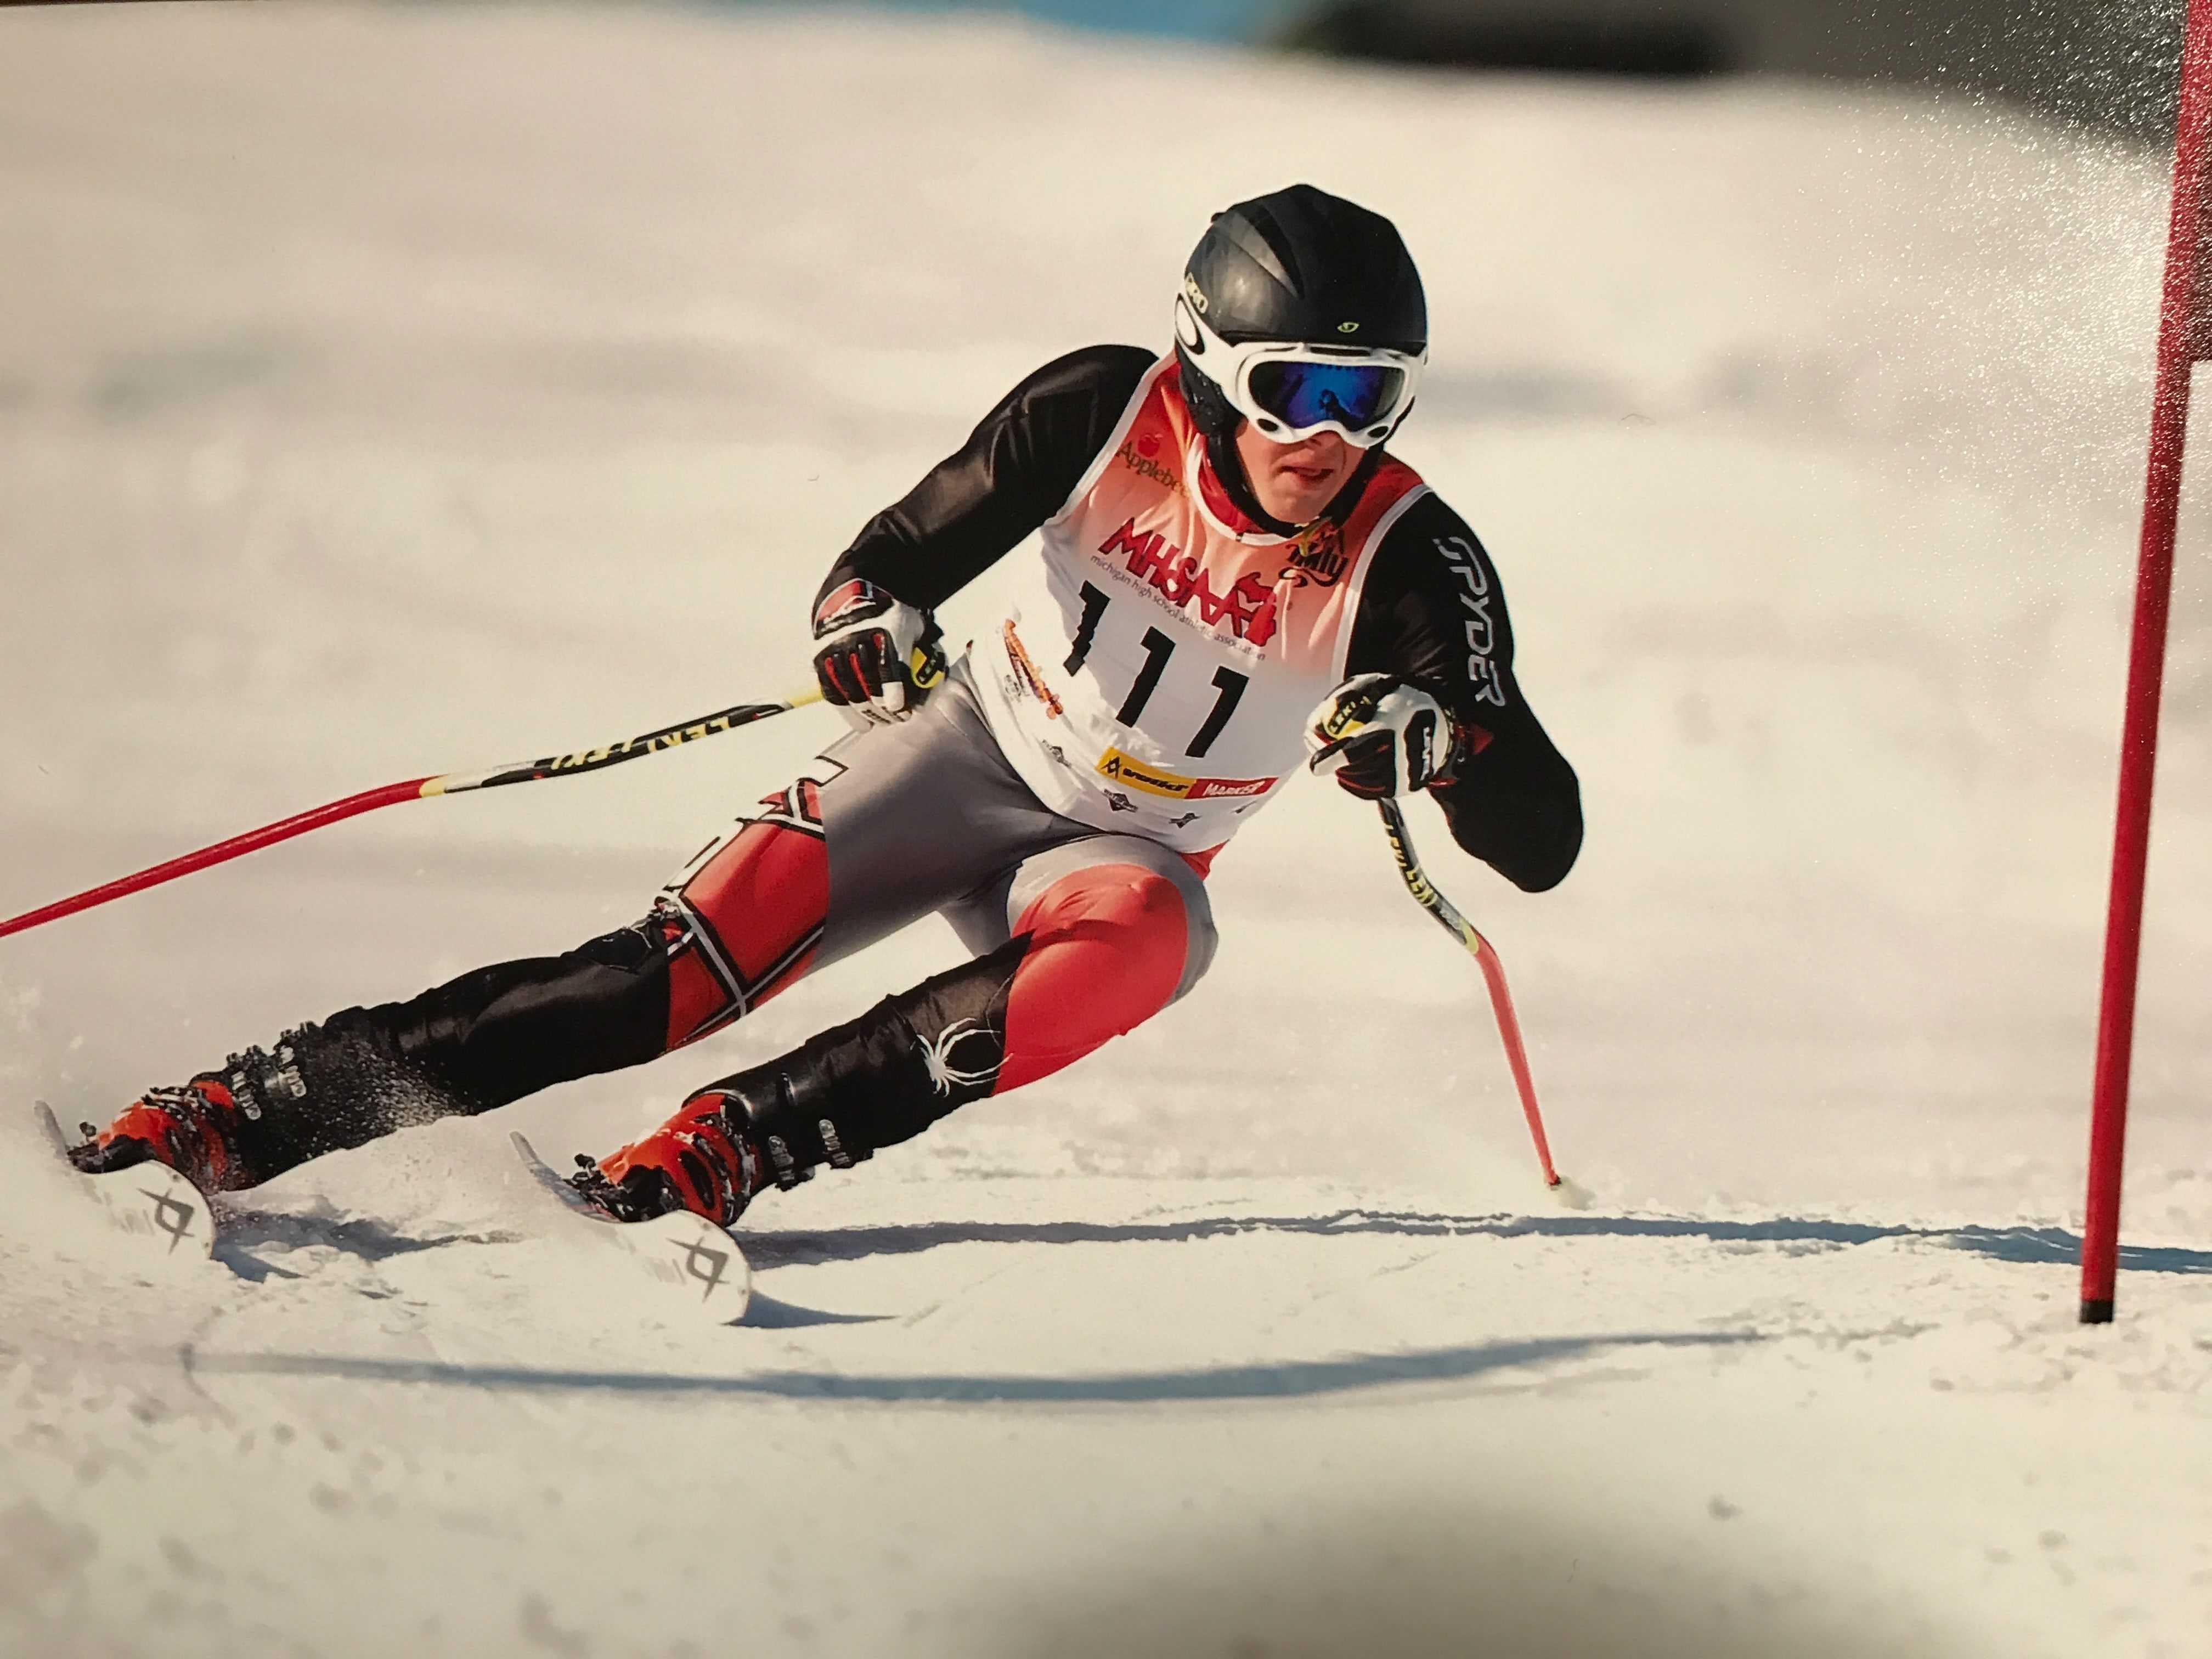 Senior Jonathon Stanton skis at an event.